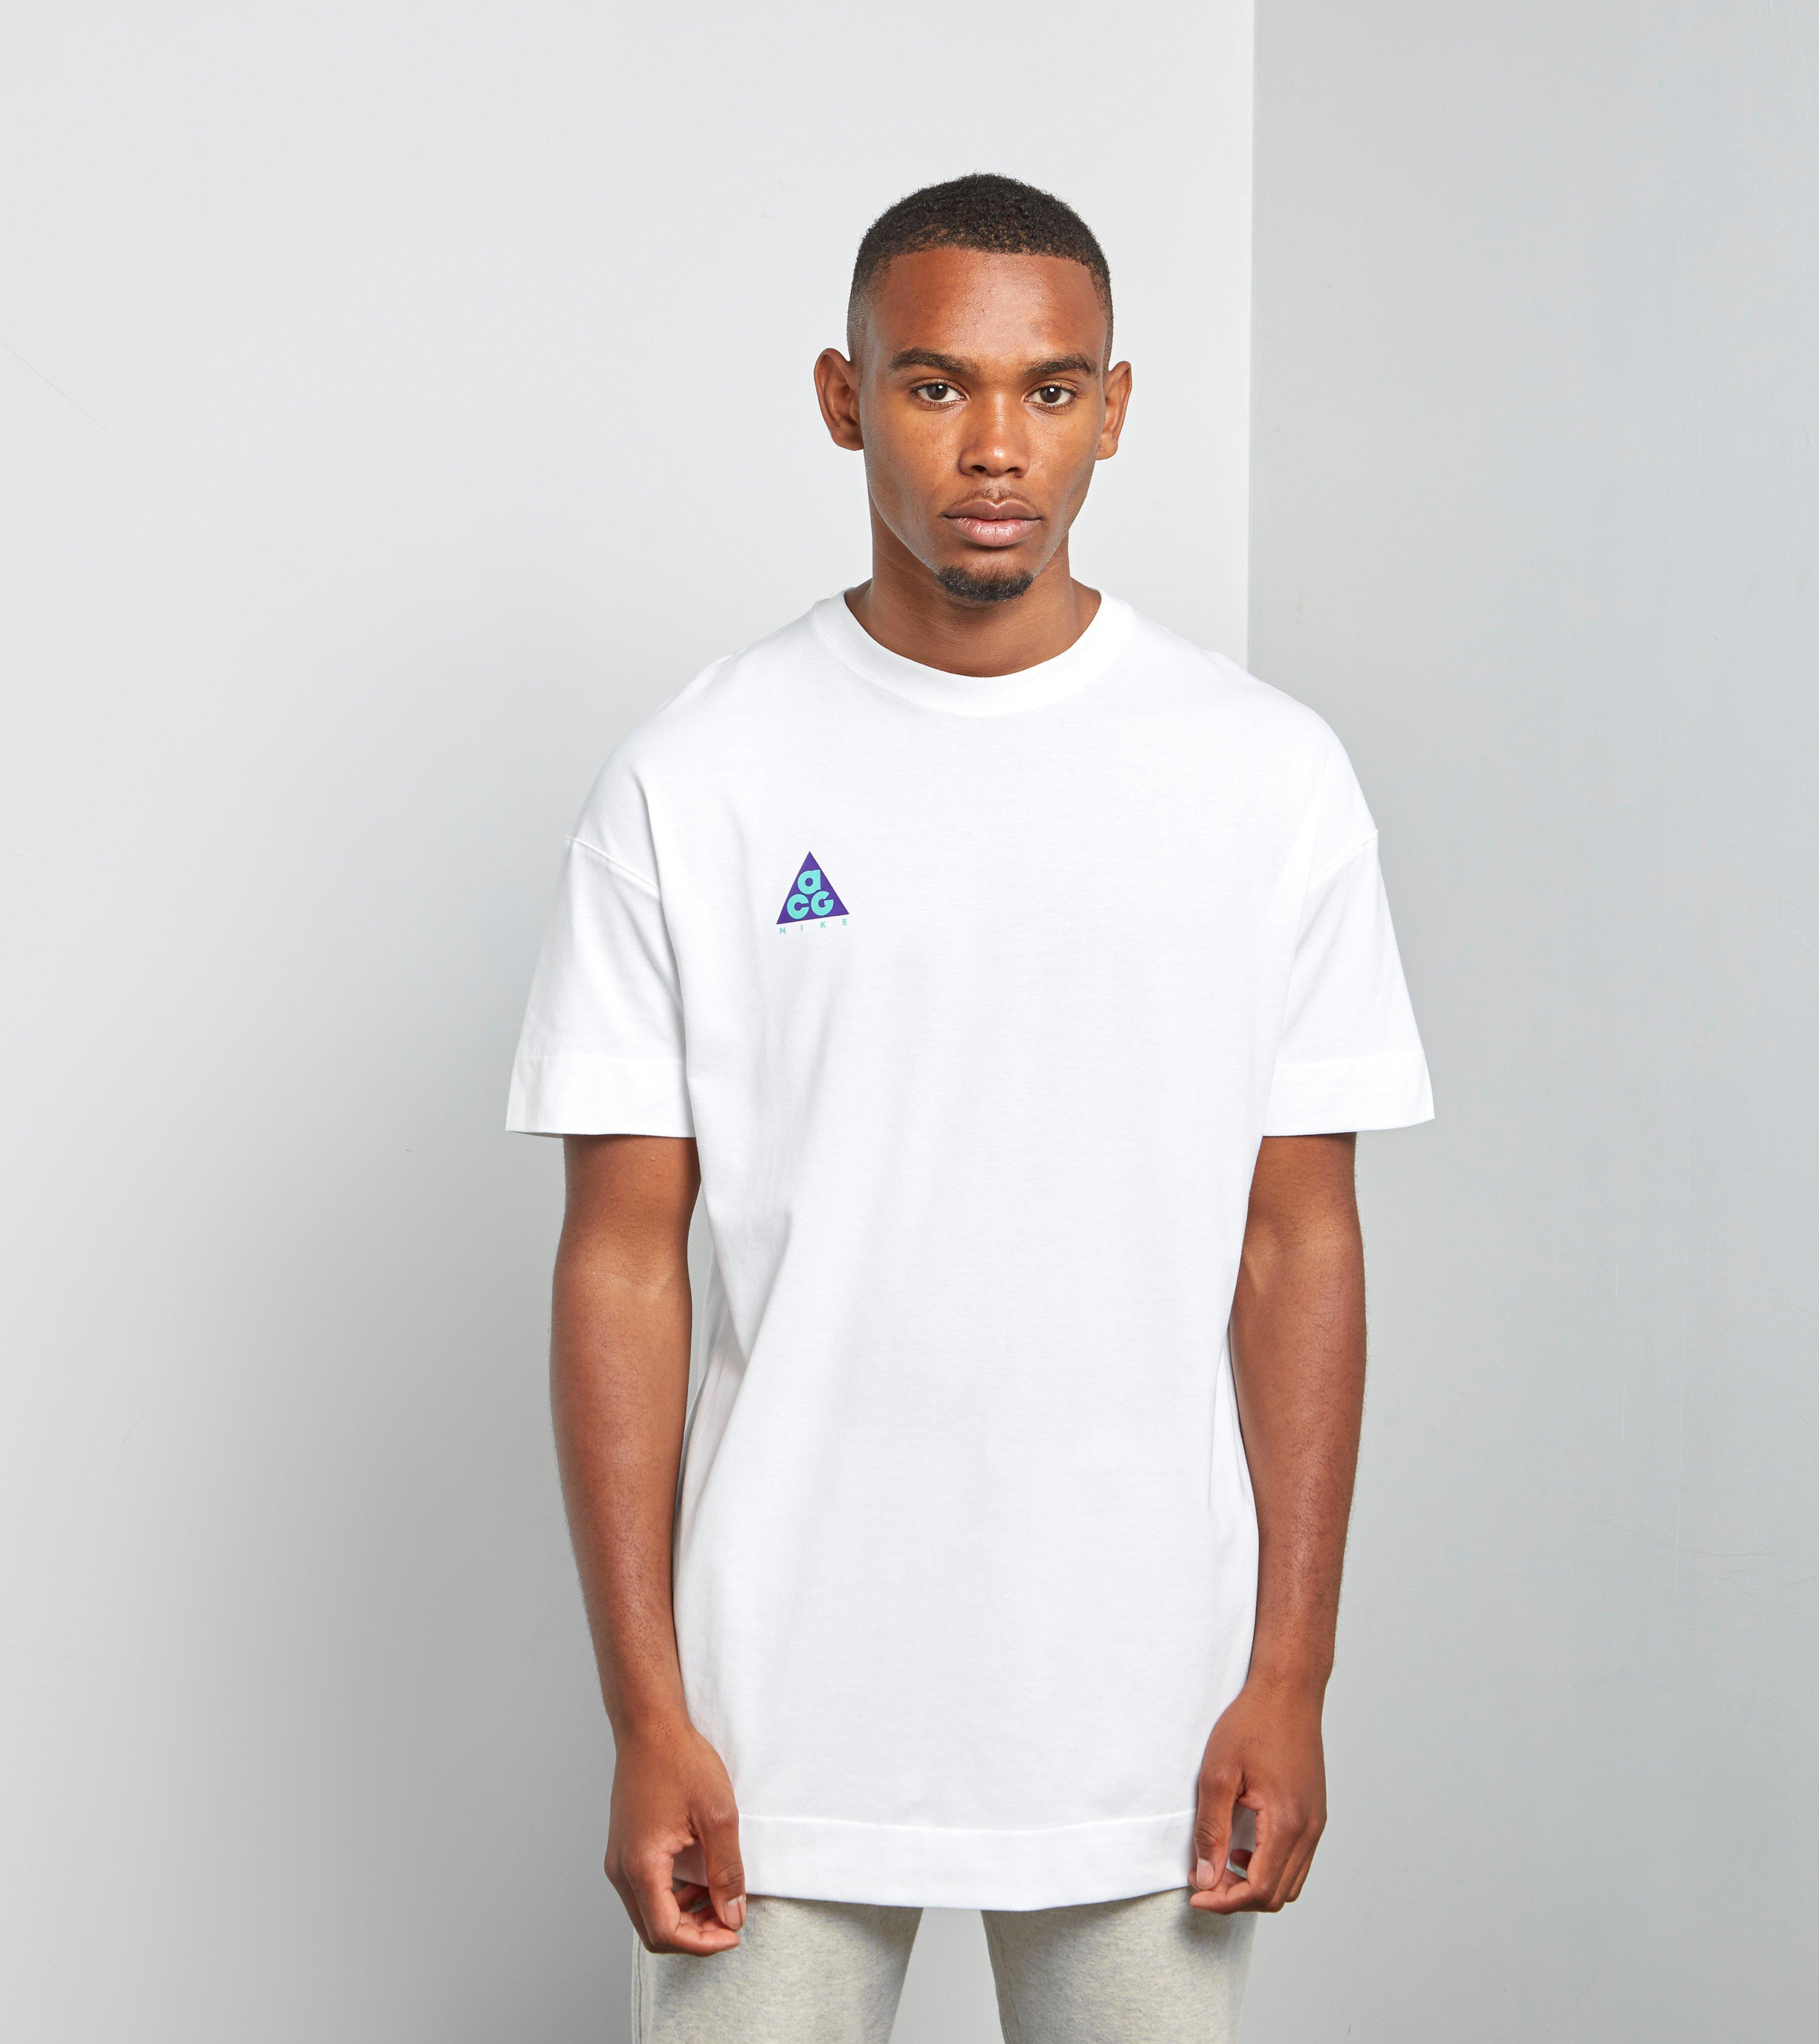 T Qs White Nike Men Acg Shirt For Lyst In 7g6Yybvf